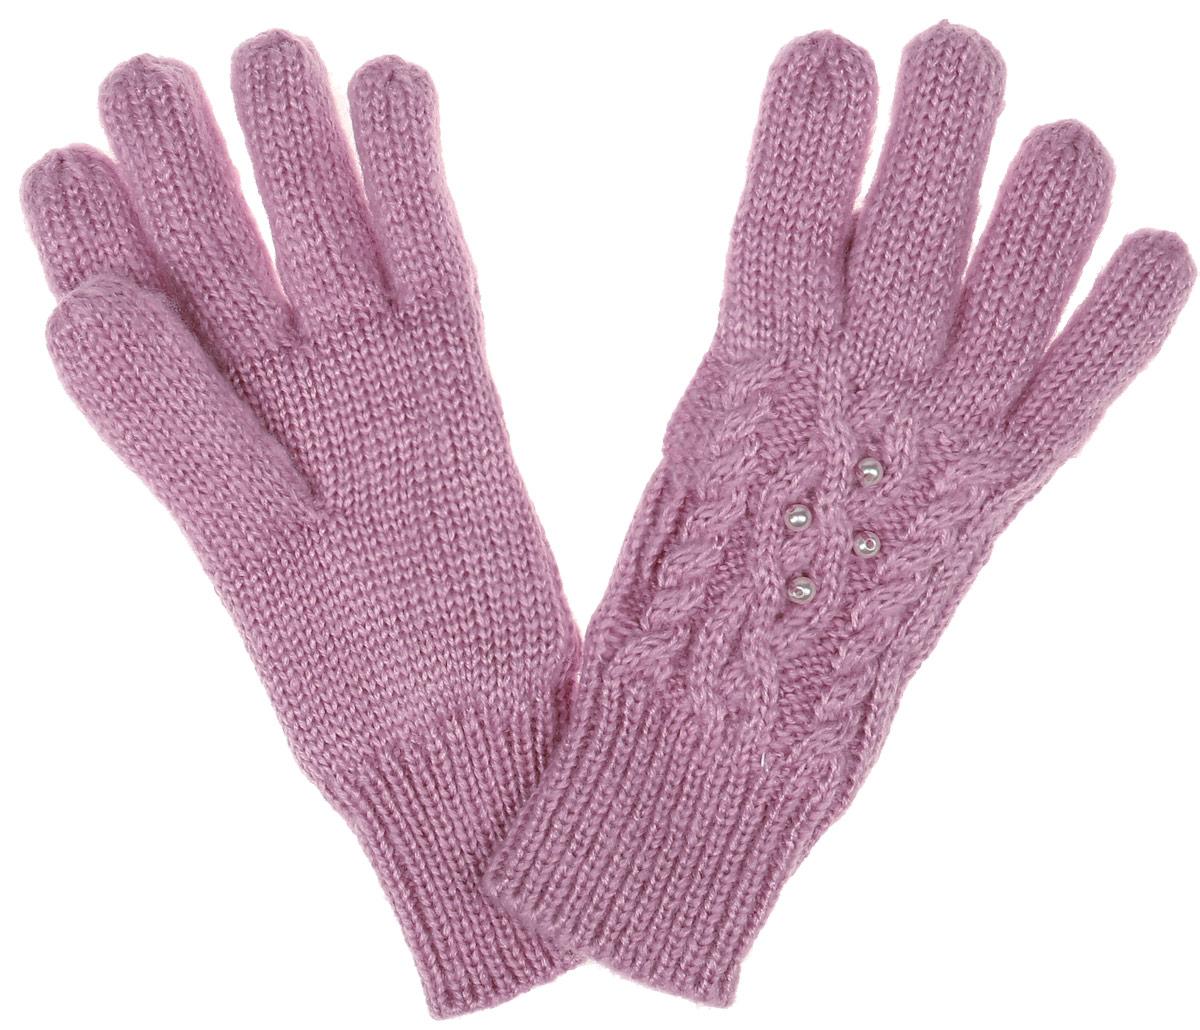 Перчатки для девочки Sela, цвет: бежевая роза. GL-643/053AK-6404. Размер 14GL-643/053AK-6404Вязаные перчатки для девочки Sela идеально подойдут вашей дочурке для прогулок в прохладное время года. Изготовленные из акрила, они необычайно мягкие и приятные на ощупь, не сковывают движения и позволяют коже дышать, не раздражают нежную кожу ребенка, обеспечивая ему наибольший комфорт, хорошо сохраняют тепло. Внутри мягкая и приятная на ощупь подкладка выполненная из 100% полиэстера.Перчатки дополнены широкими эластичными манжетами, не стягивающими запястья и надежно фиксирующими их на ручках ребенка. Манжеты связаны крупной резинкой. Оформлены перчатки имитацией жемчуга. Оригинальный дизайн и расцветка делают эти перчатки модным и стильным предметом детского гардероба. В них ваша маленькая модница будет чувствовать себя уютно и комфортно и всегда будет в центре внимания!